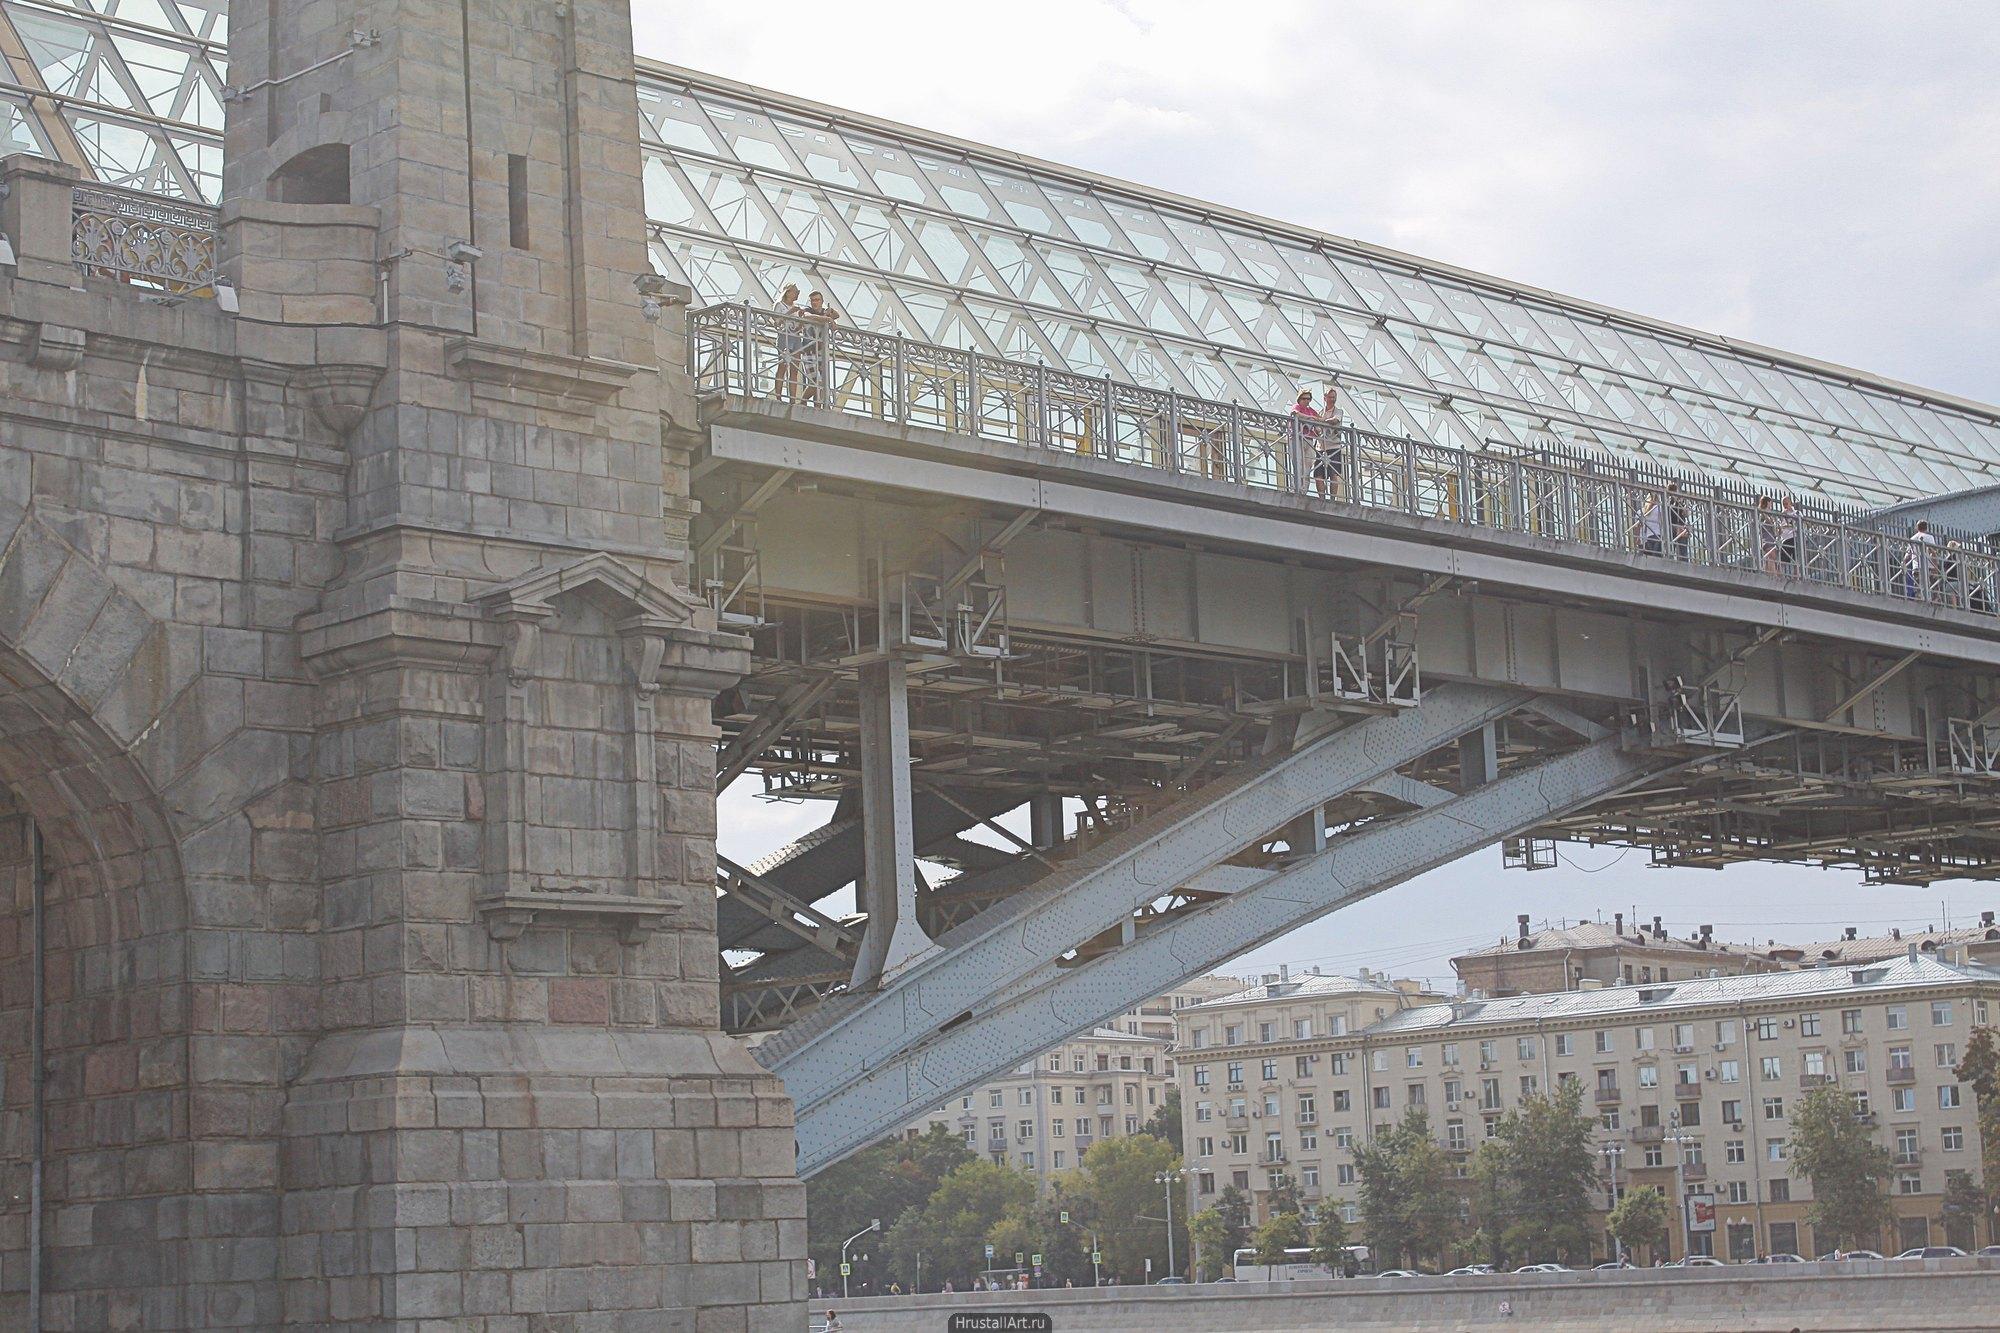 Гармония конструктивных деталей металлической арки Андреевского моста и каменного декора опор.